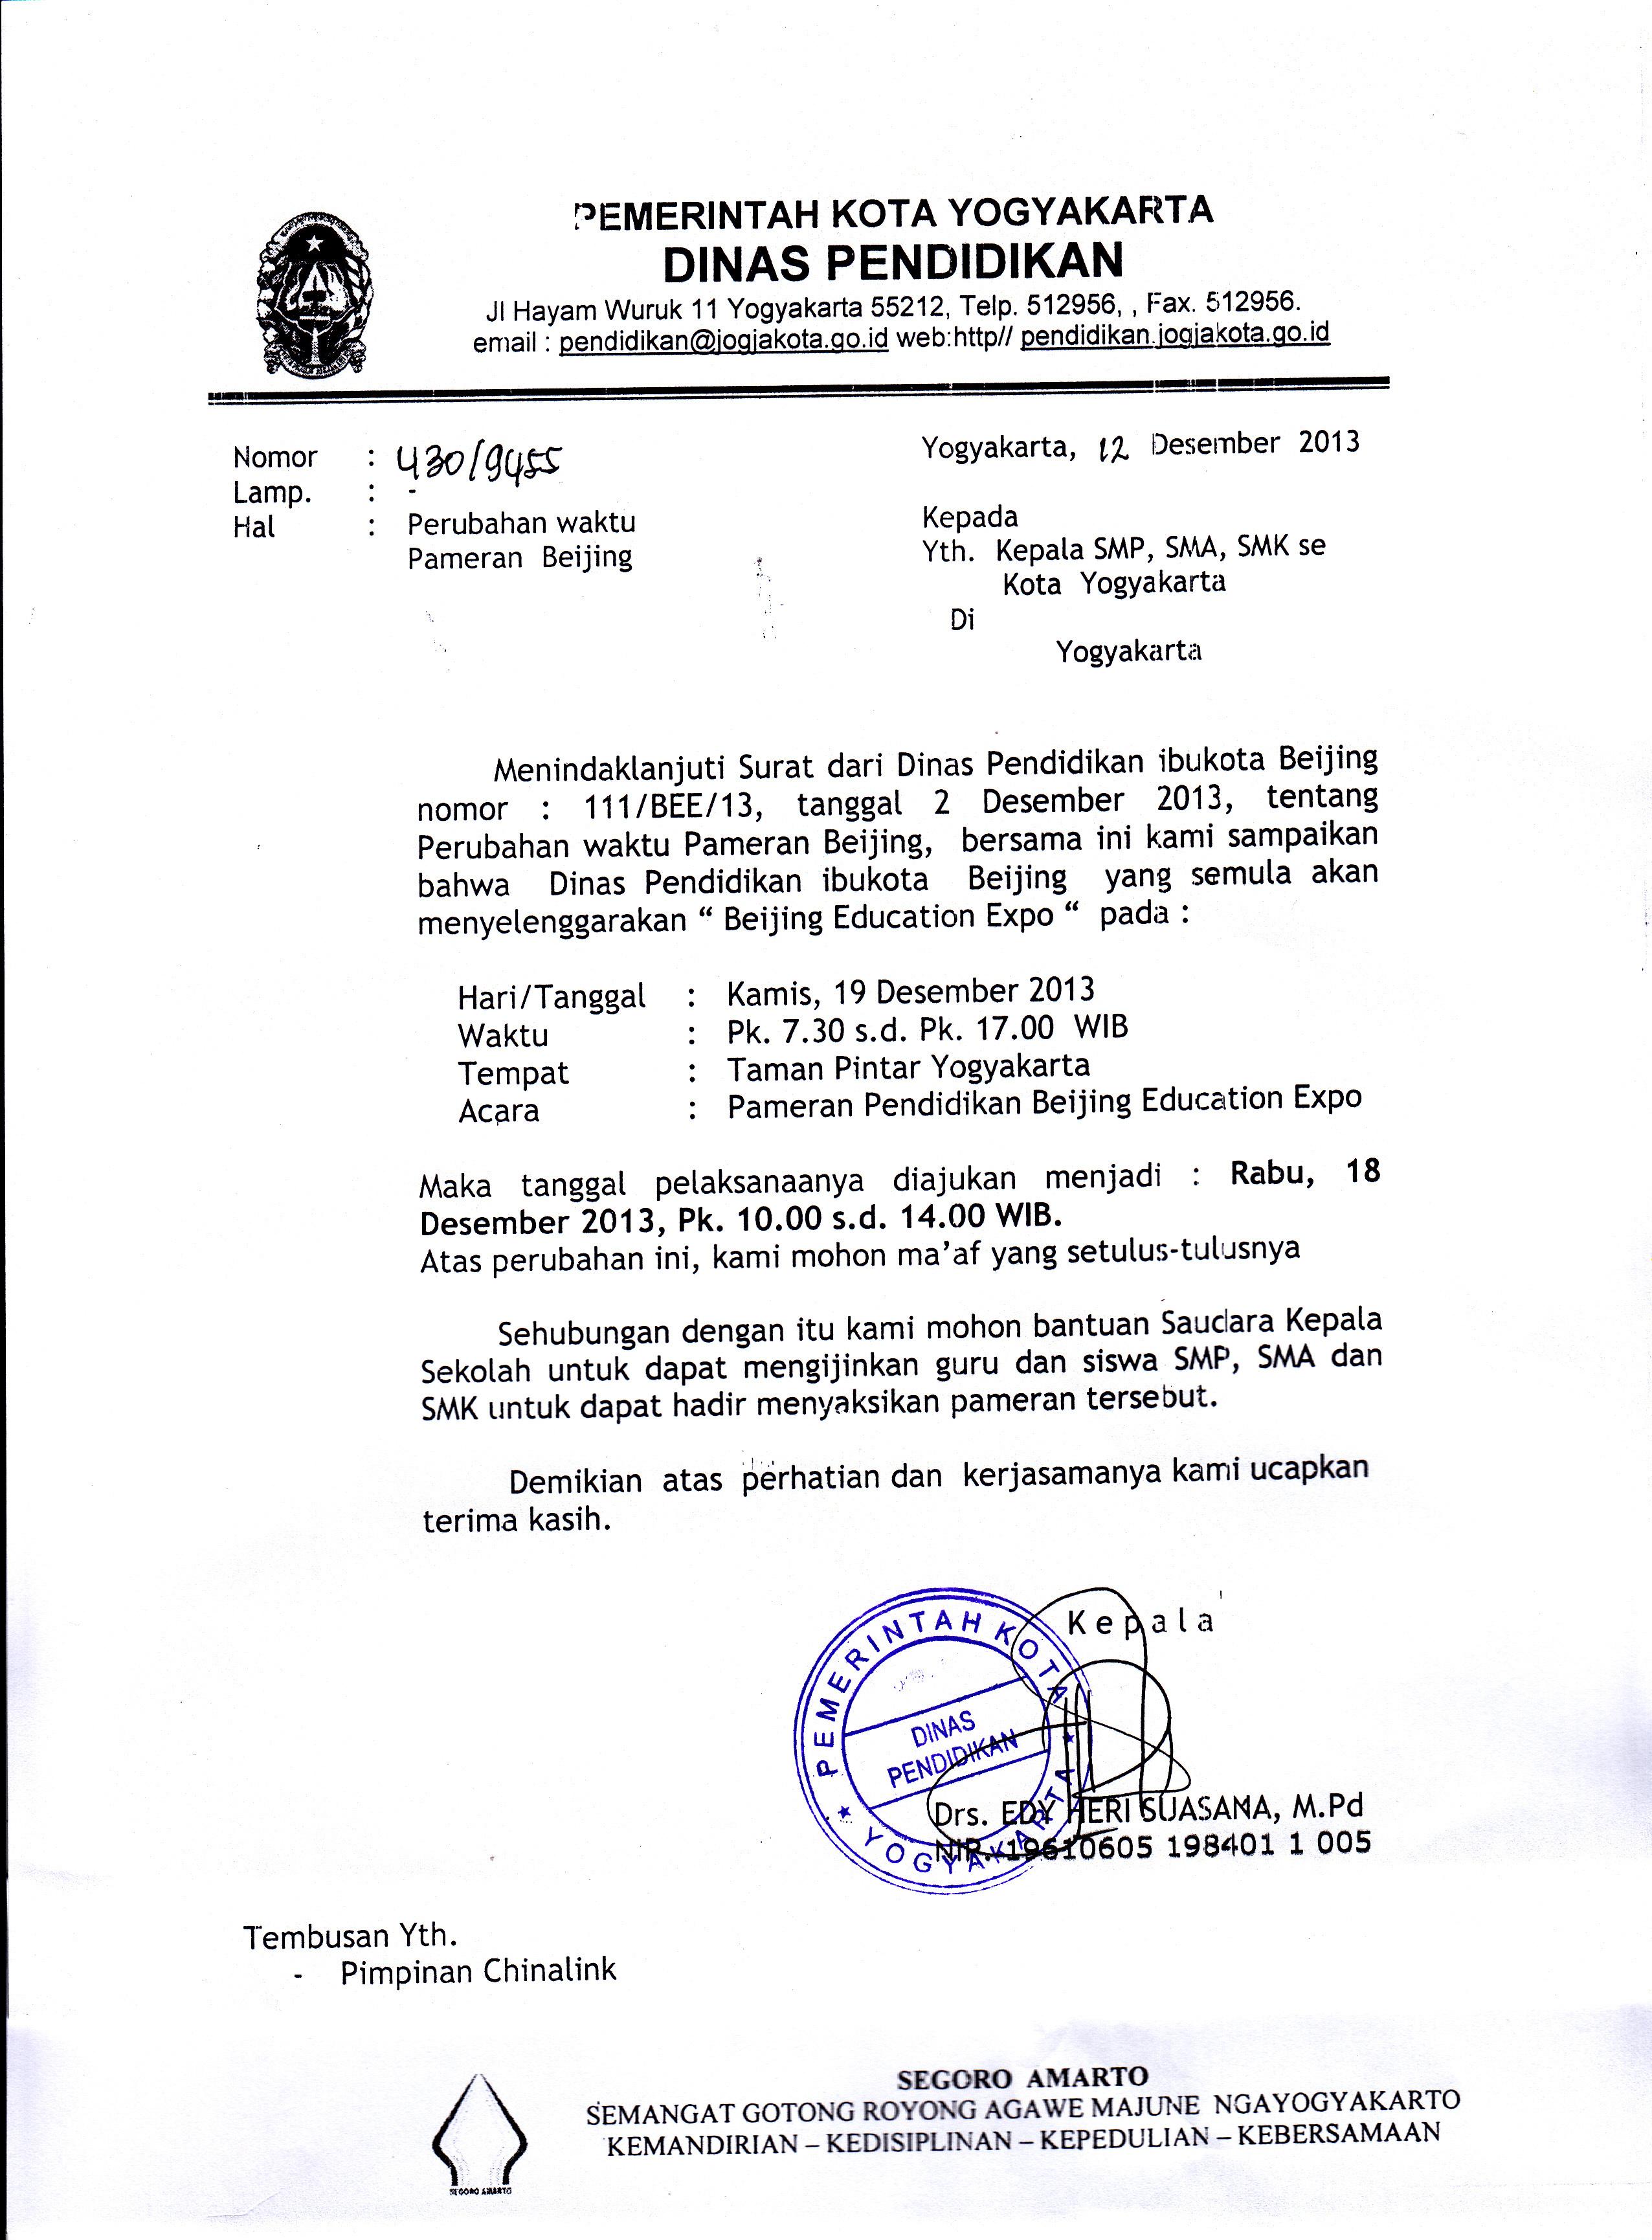 Tuliskan Surat Kepada Dinas Pendidikan Kota Yogyakarta